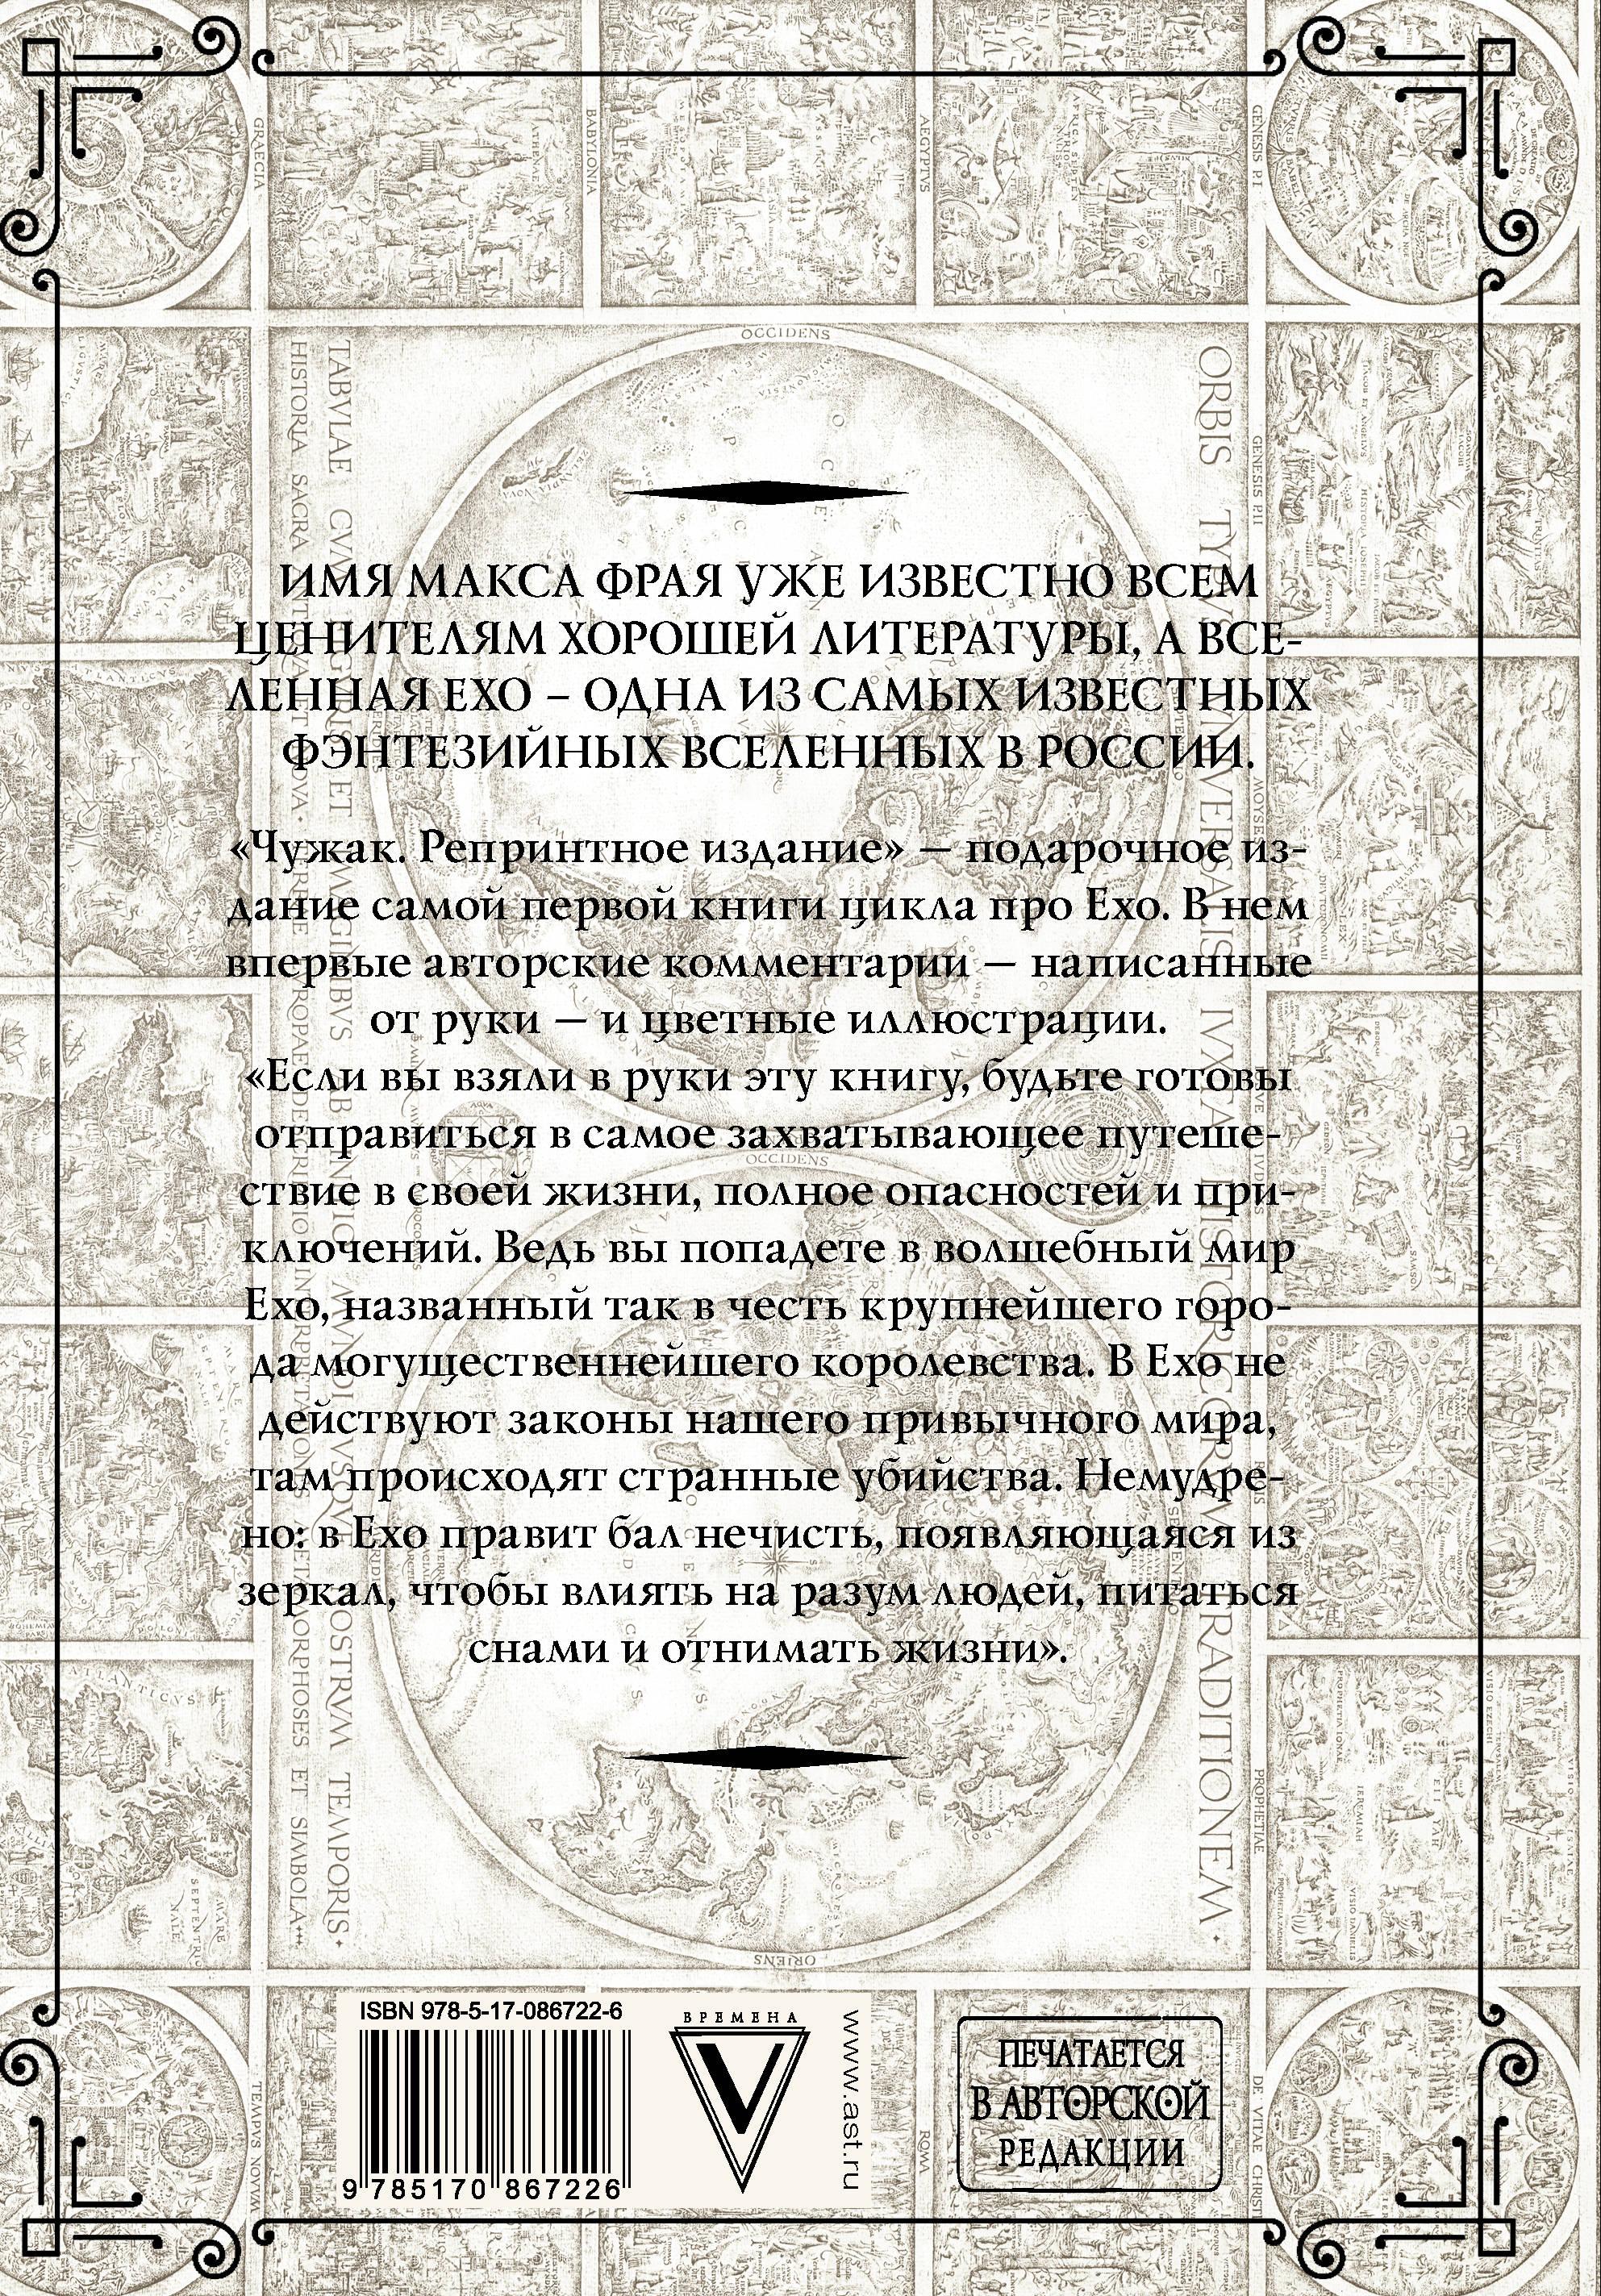 Чужак (репринтное издание). Макс Фрай